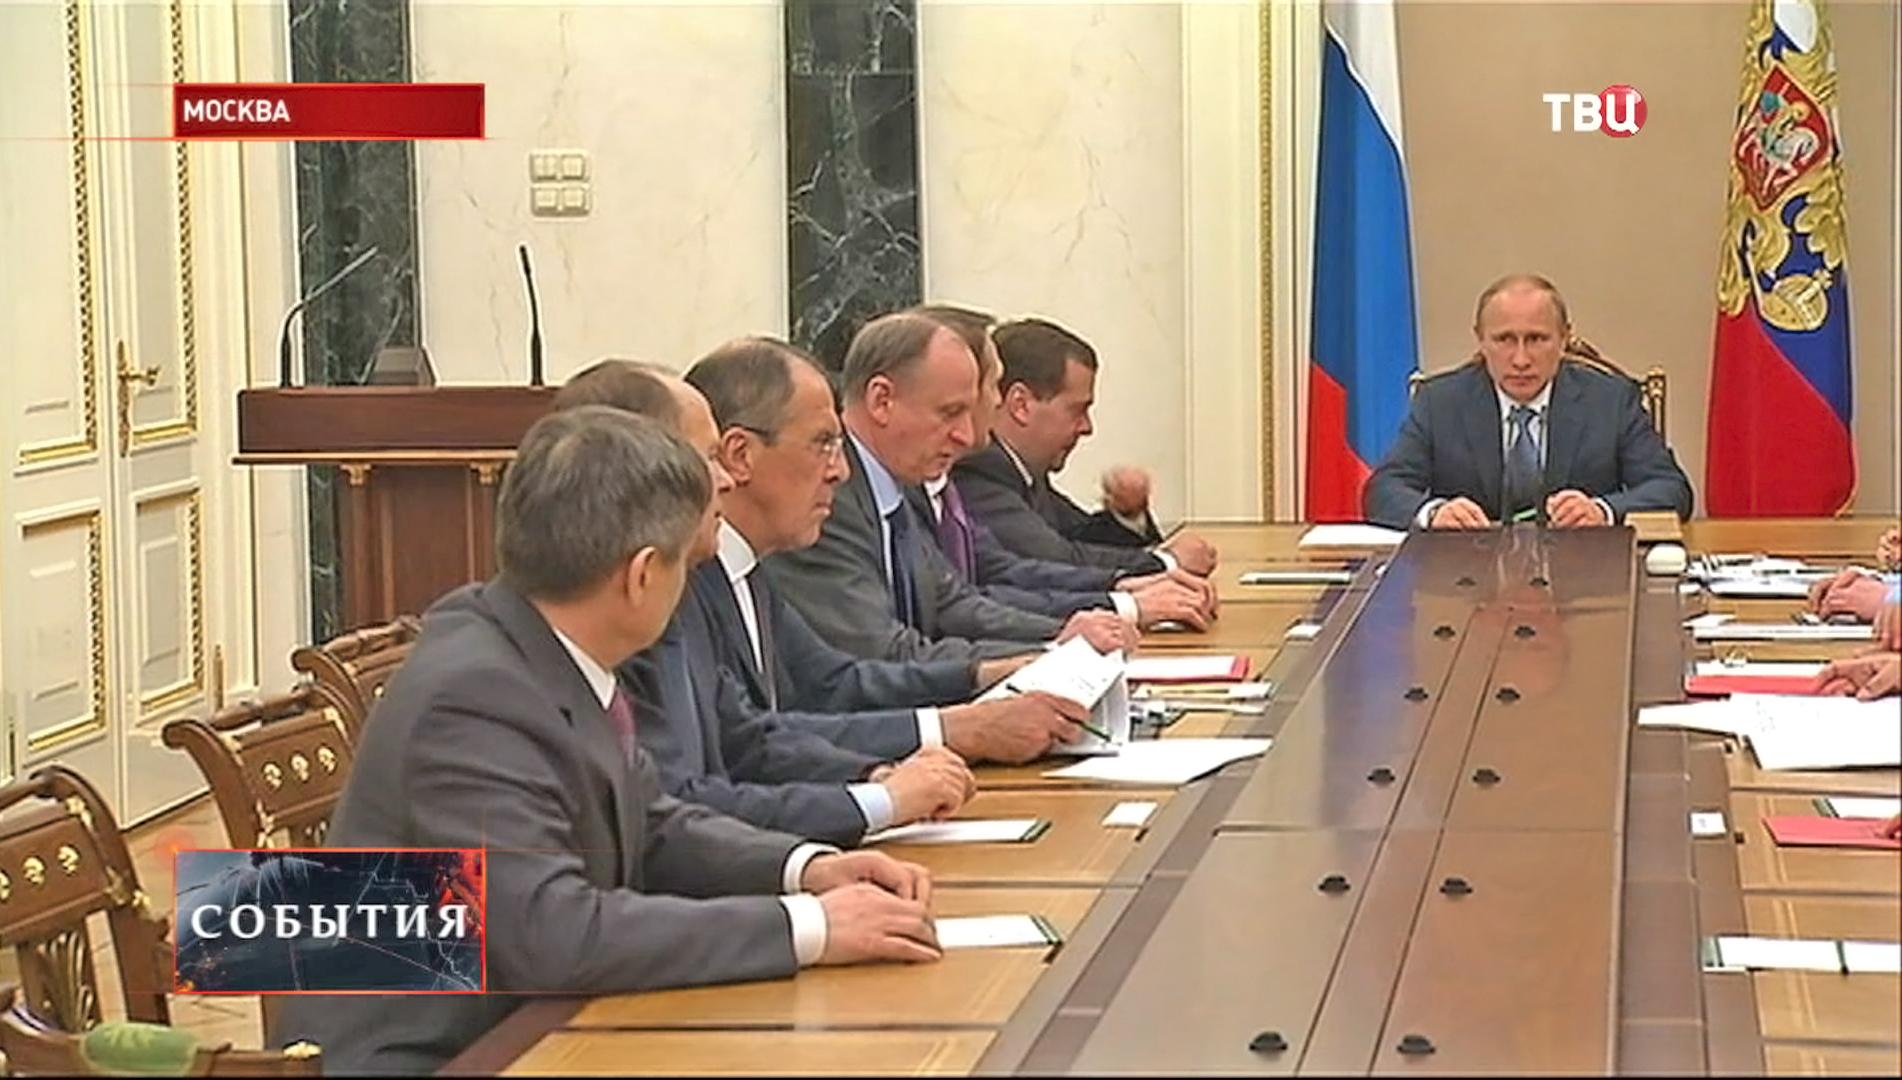 Владимир Путин проводит заседание Совбеза РФ